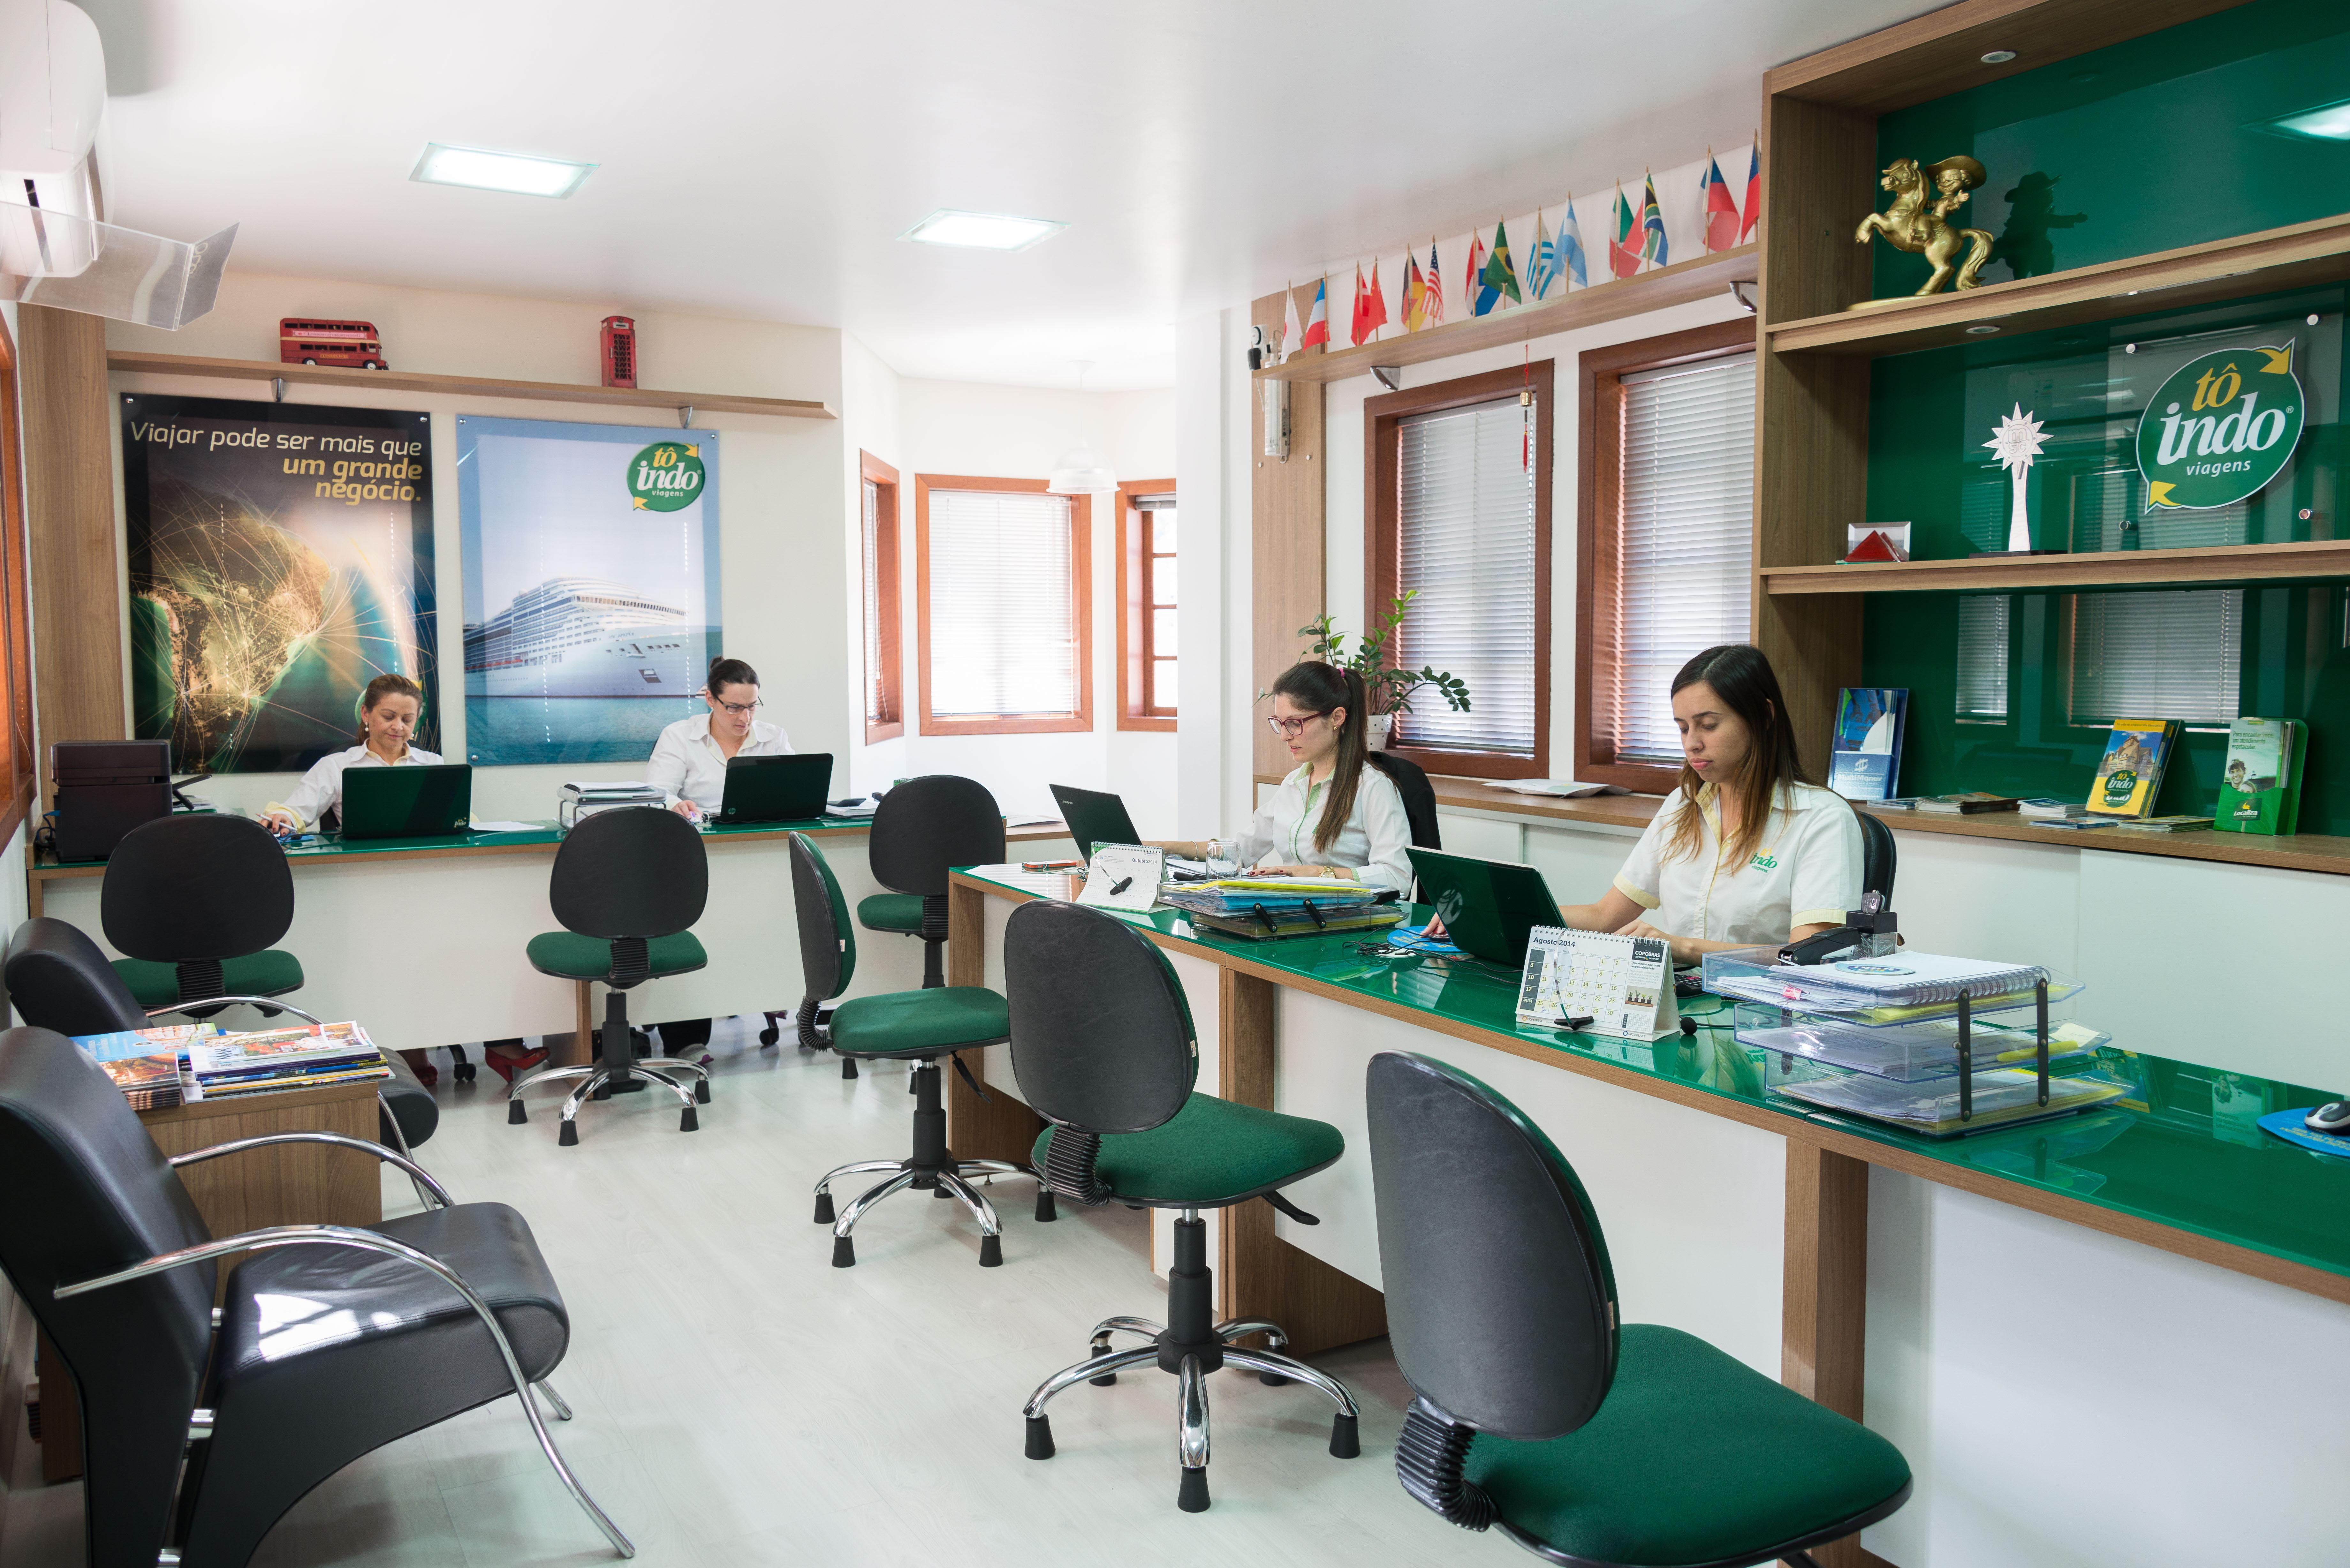 Tendência em eventos corporativos, agências oficiais de turismo garantem facilidades para os visitantes